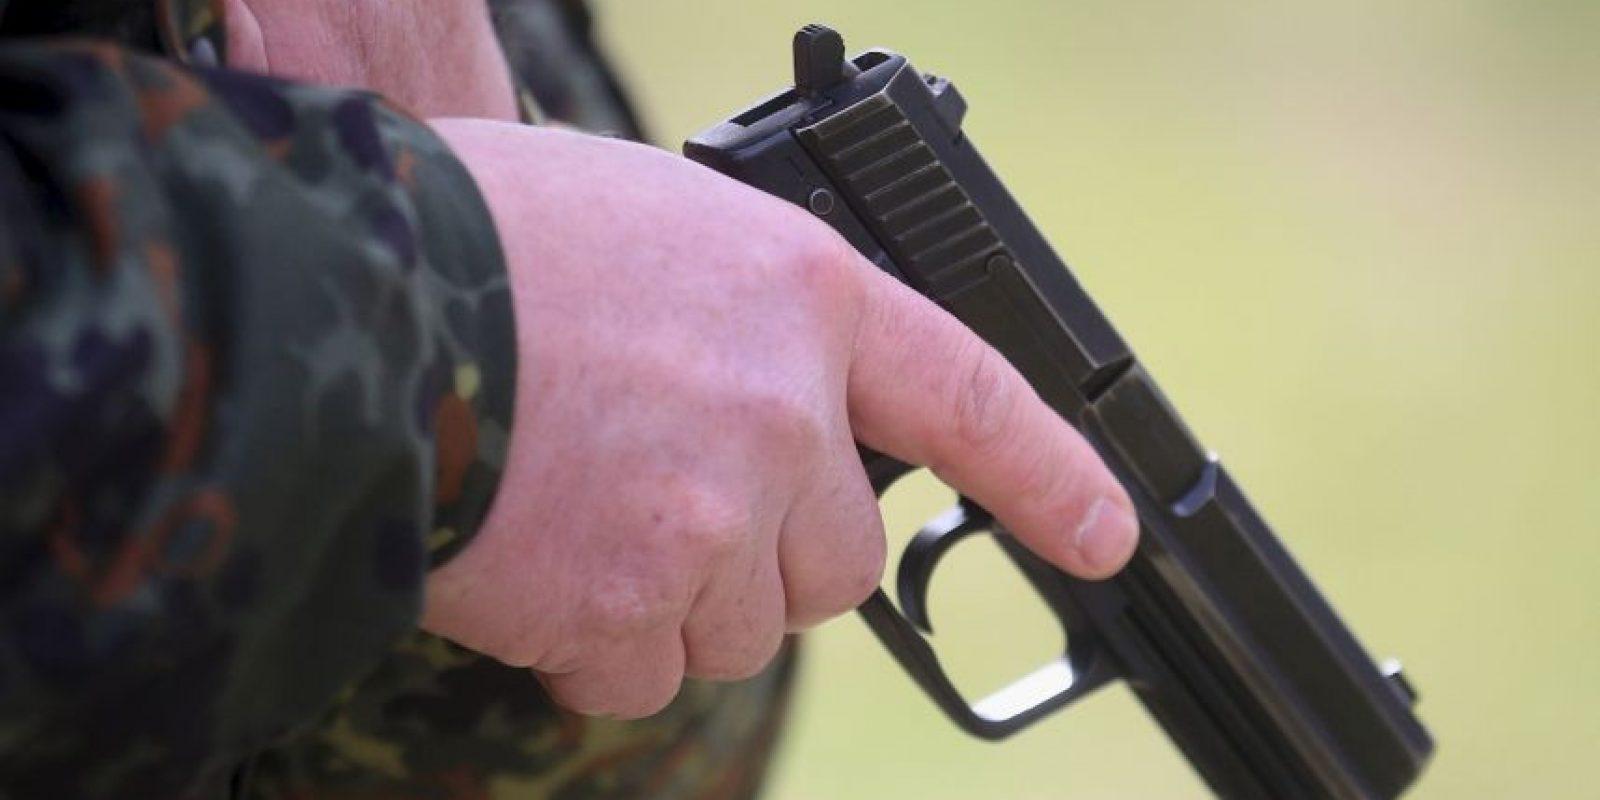 El arma que portaba no tenía algún permiso, ni era de uso militar. Foto:Getty Images